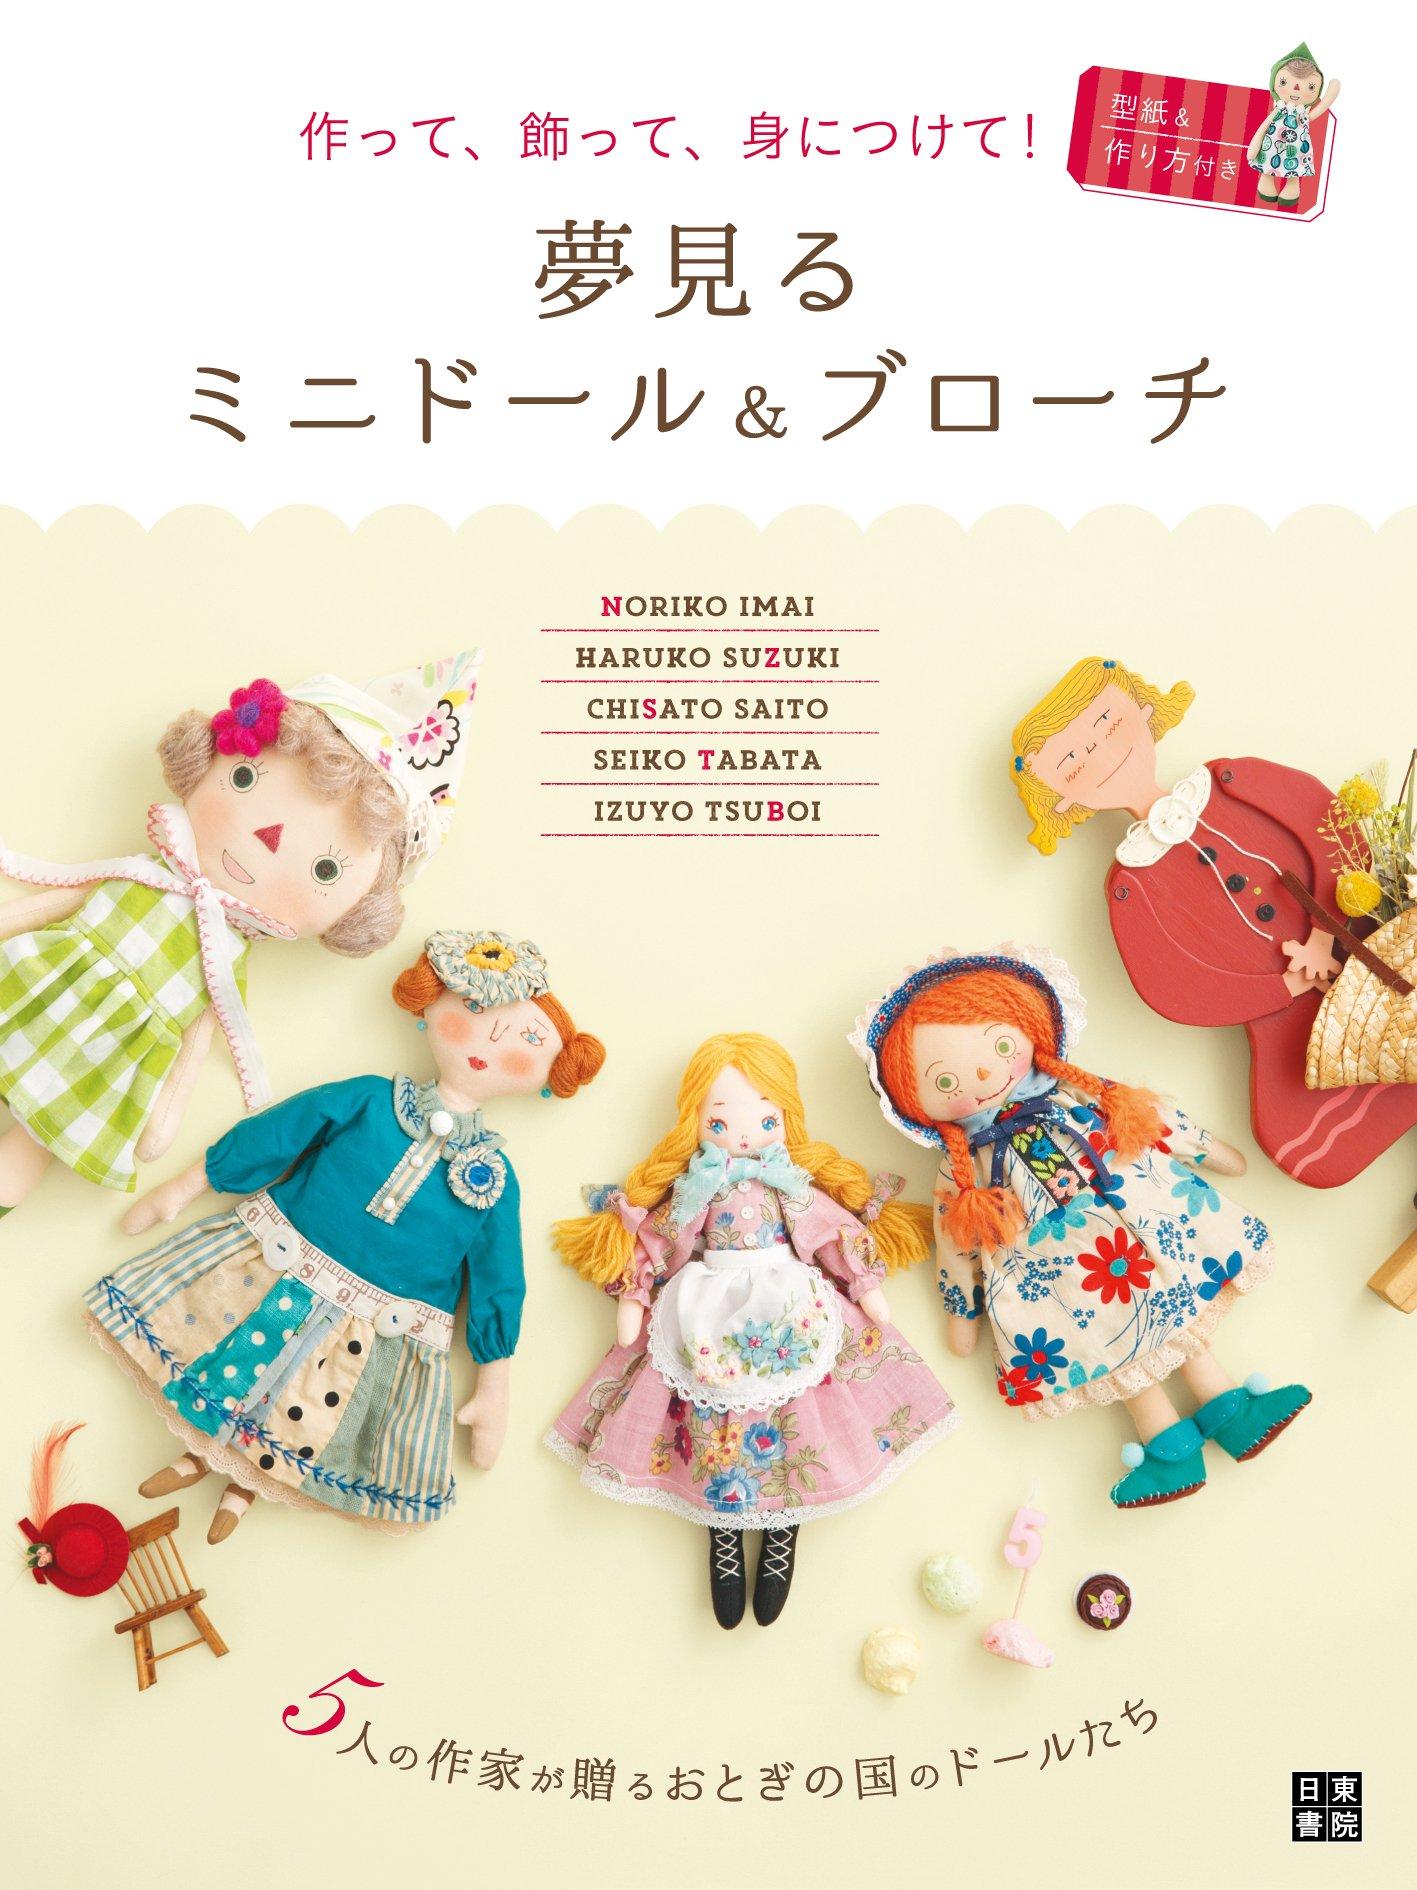 Dream mini doll & brooch